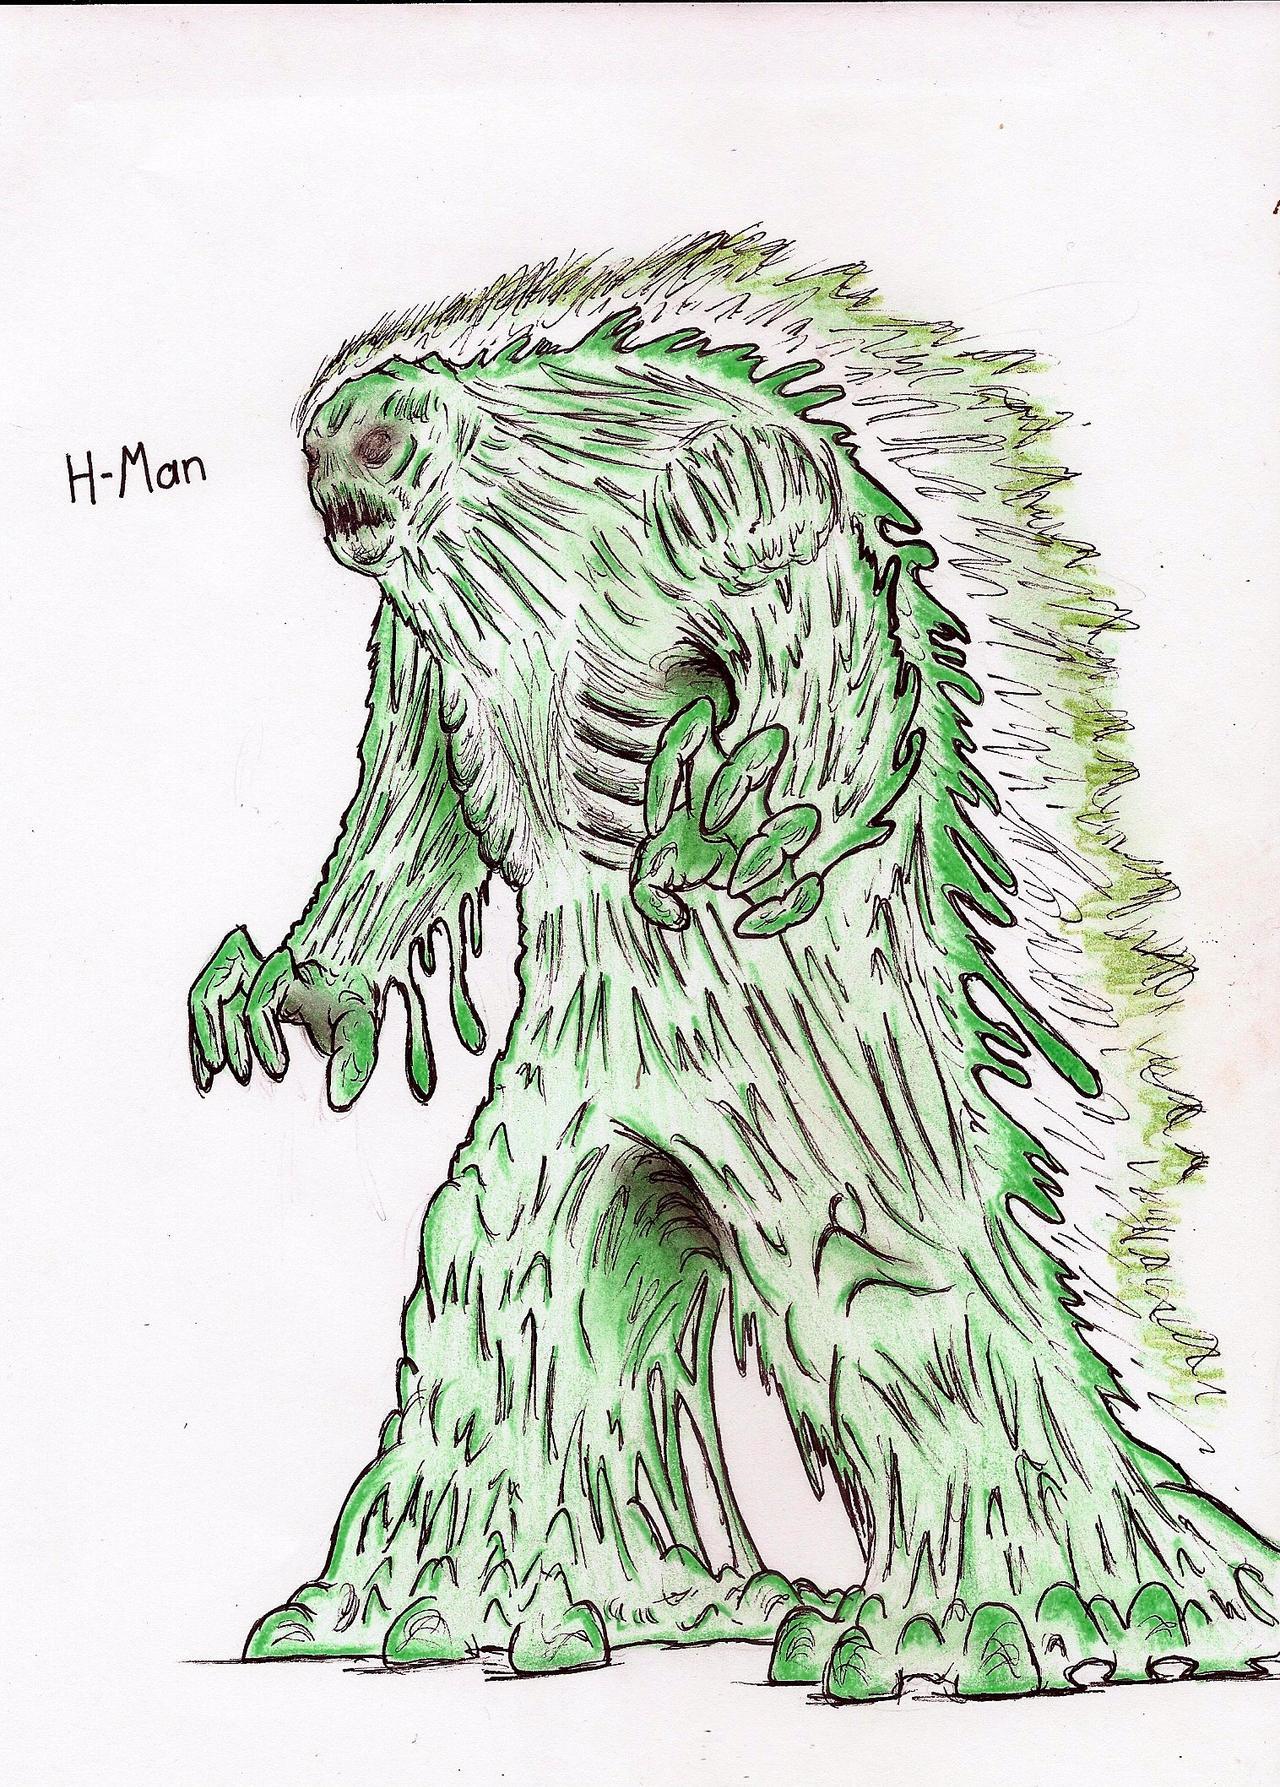 H-Man by MonsterKingOfKarmen